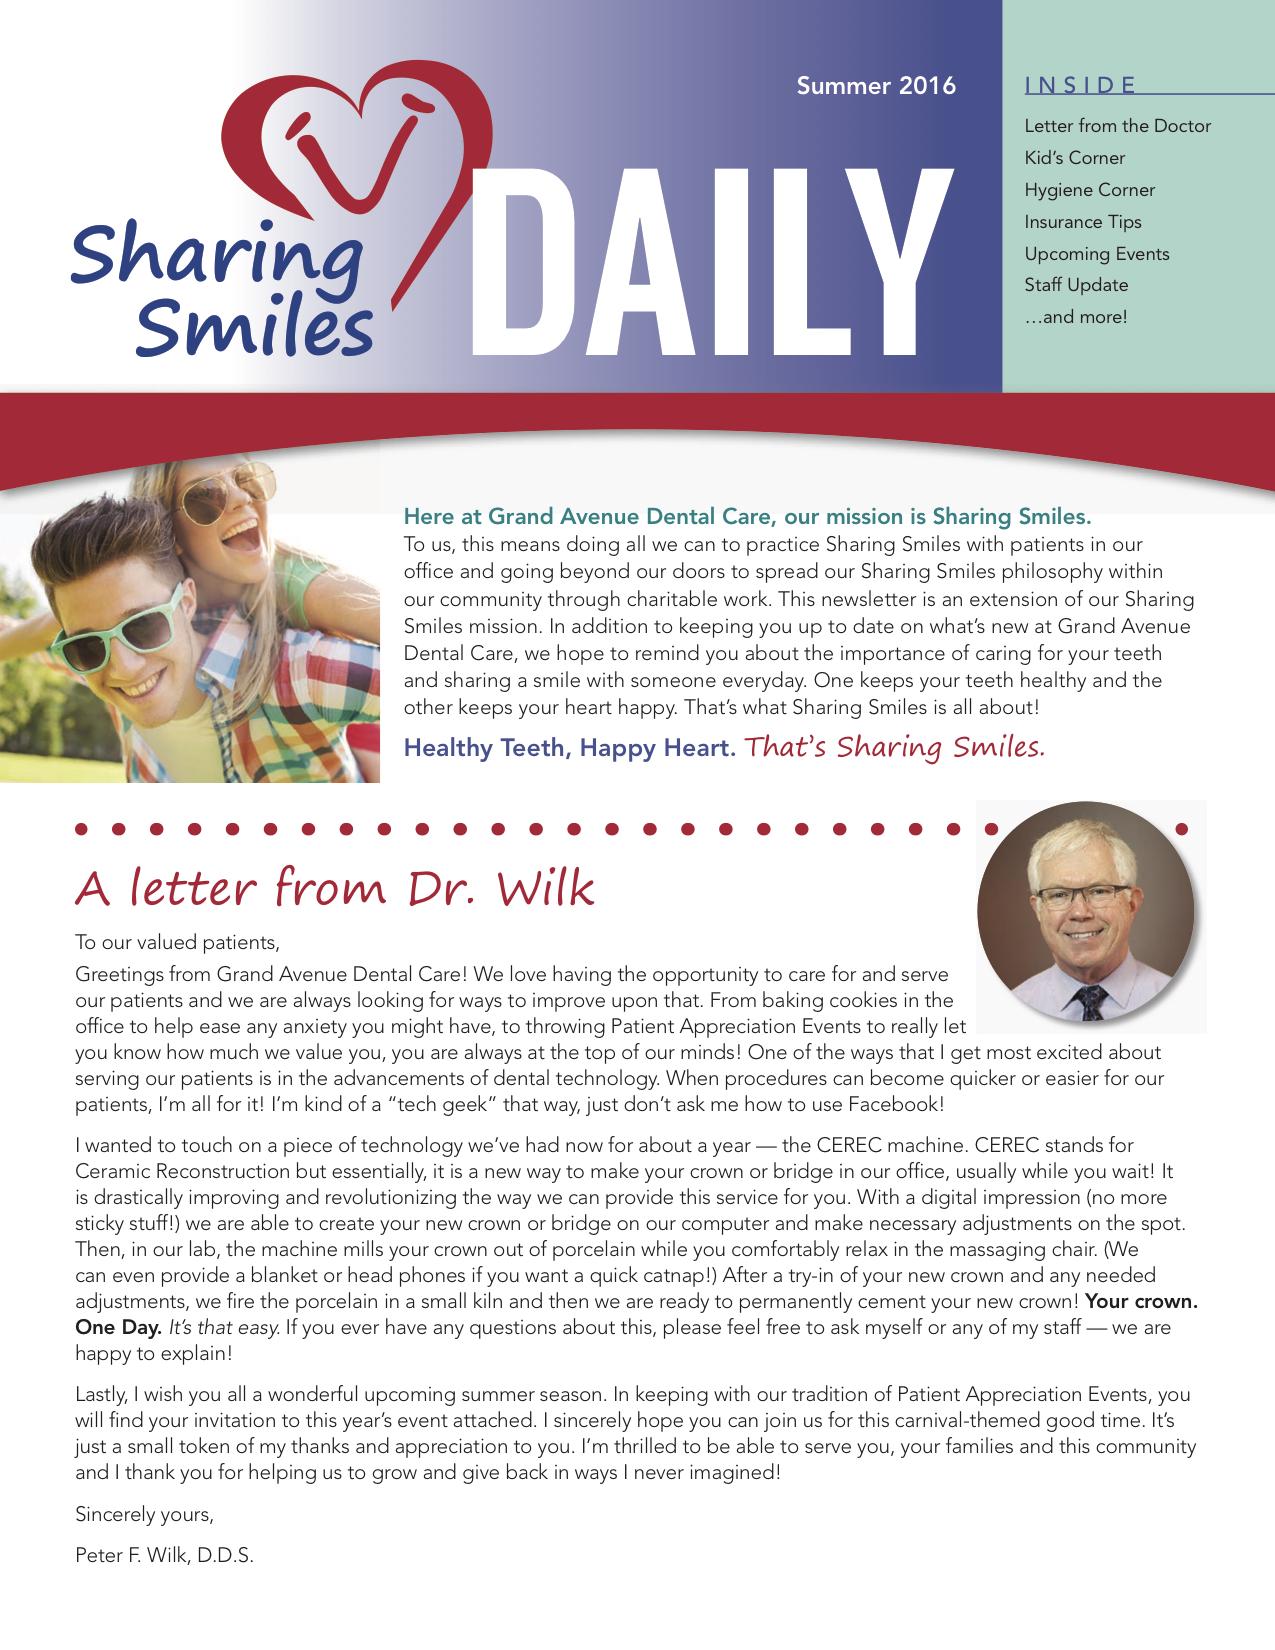 SharingSmiles_NL_Summer2016_web PG 1.jpg